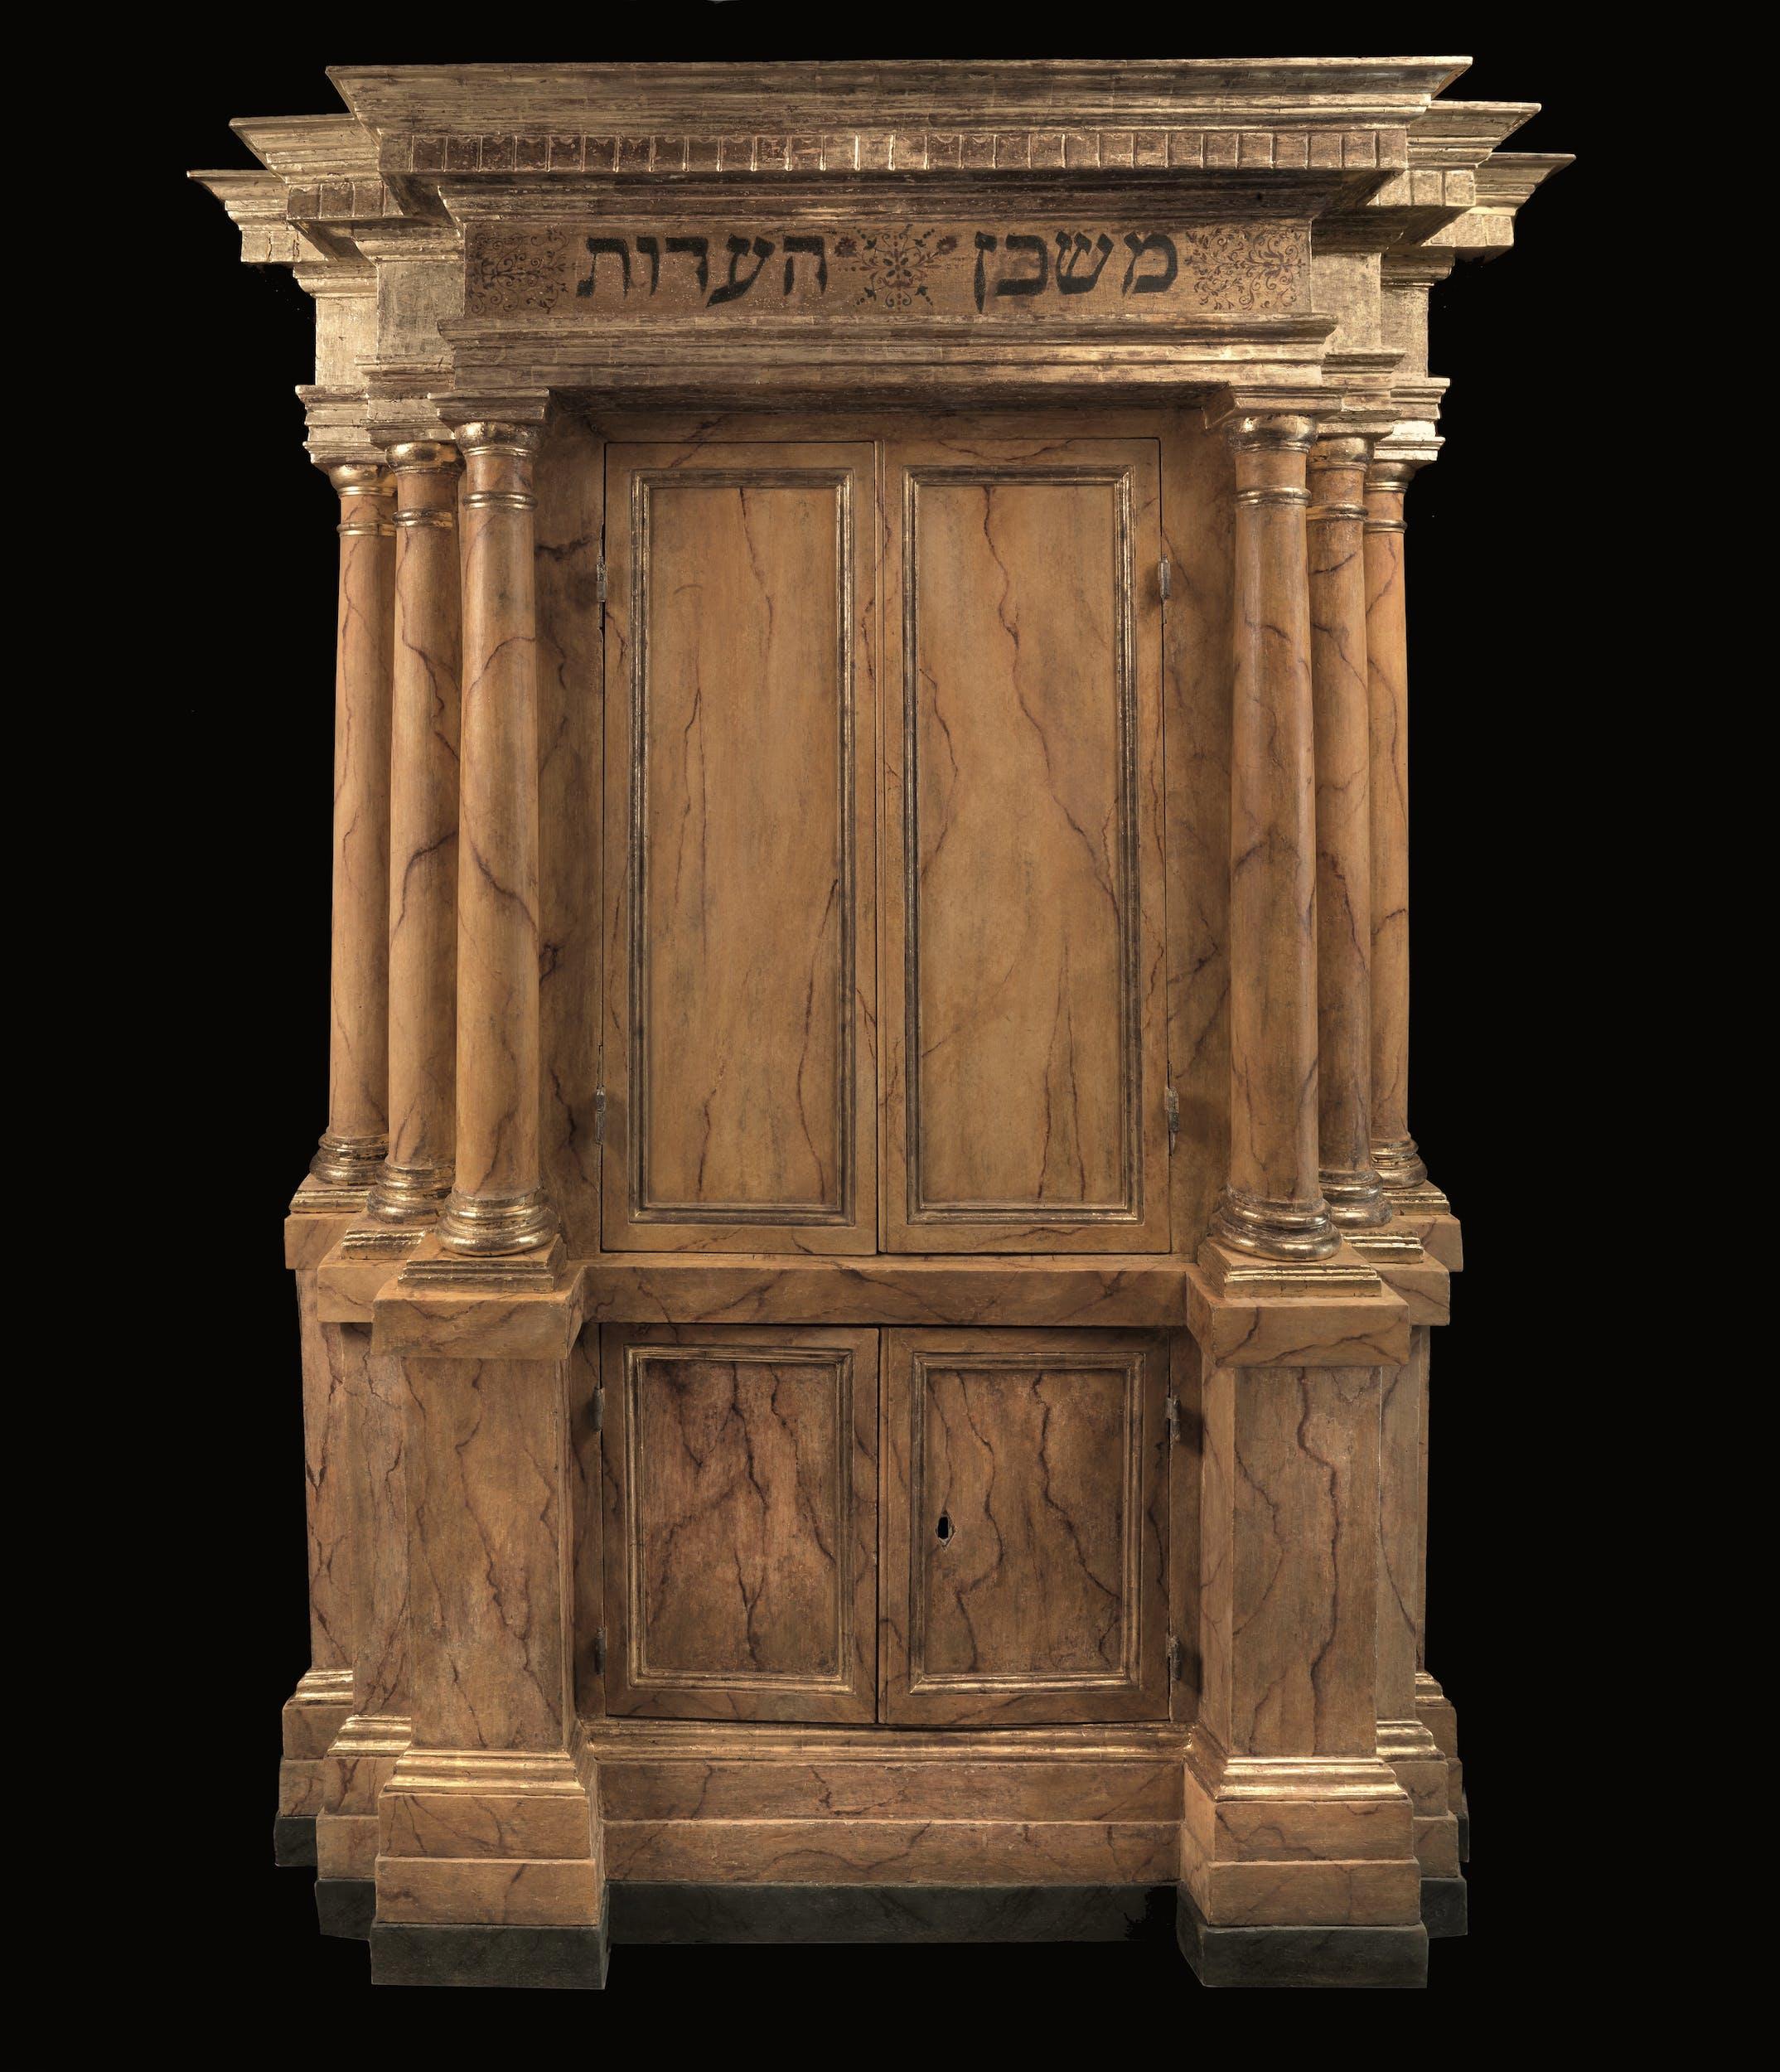 Manifattura pisana Aròn ha-qòdesh Seconda metà del XVI secolo legno di noce, intagliato, tornito dipinto e dorato Comunità Ebraica, Pisa